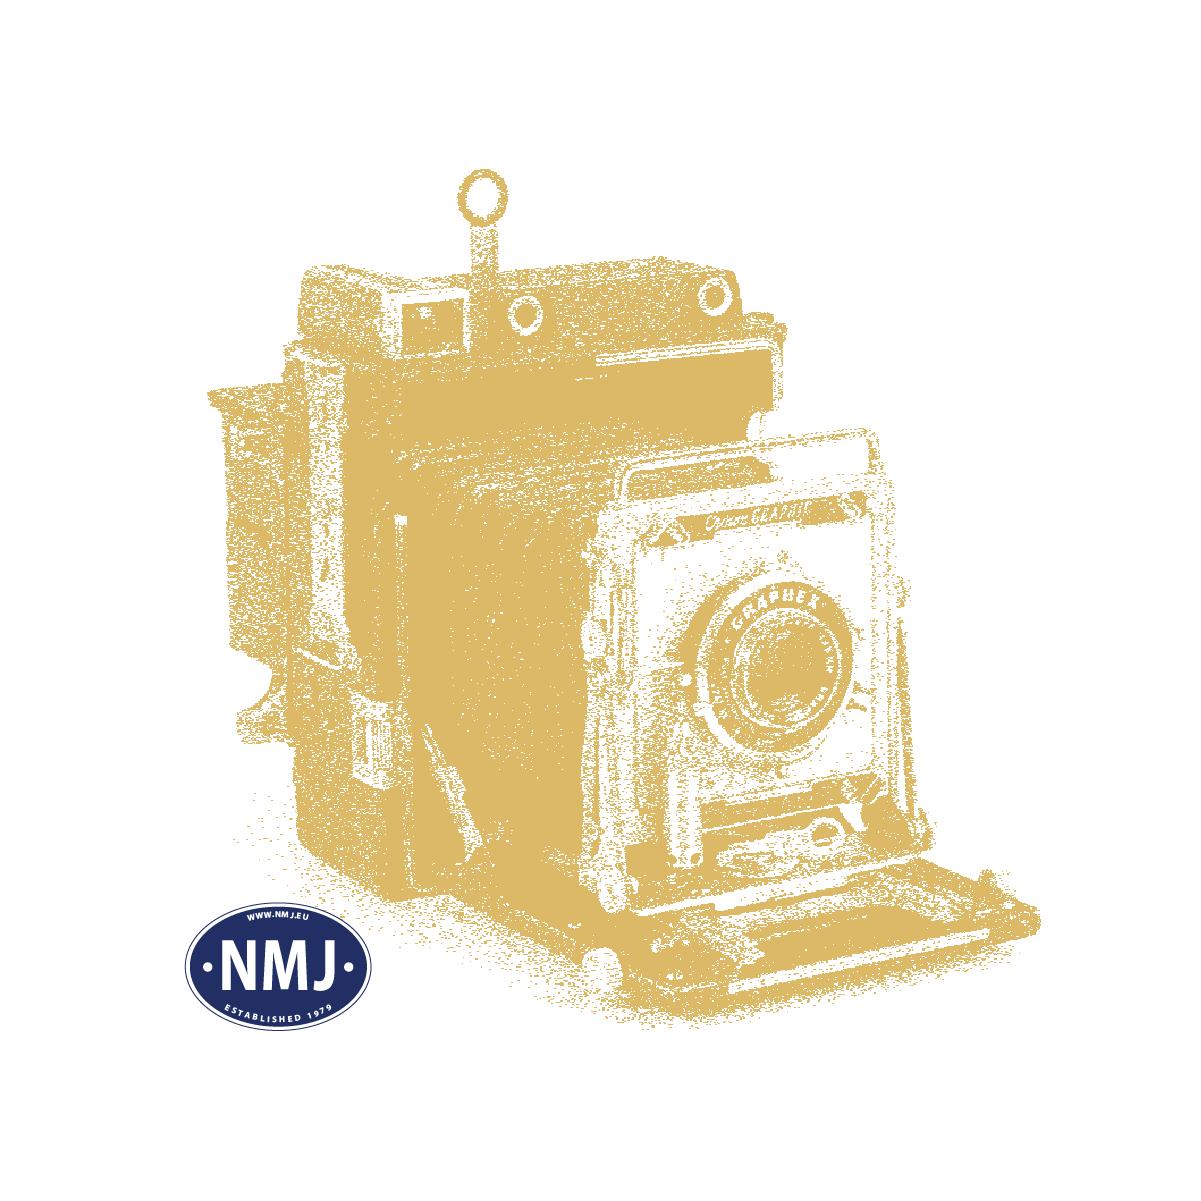 NMJTB617 - NMJ Topline NSB Di3 617, DC, *B-Vare SUPERTILBUD*